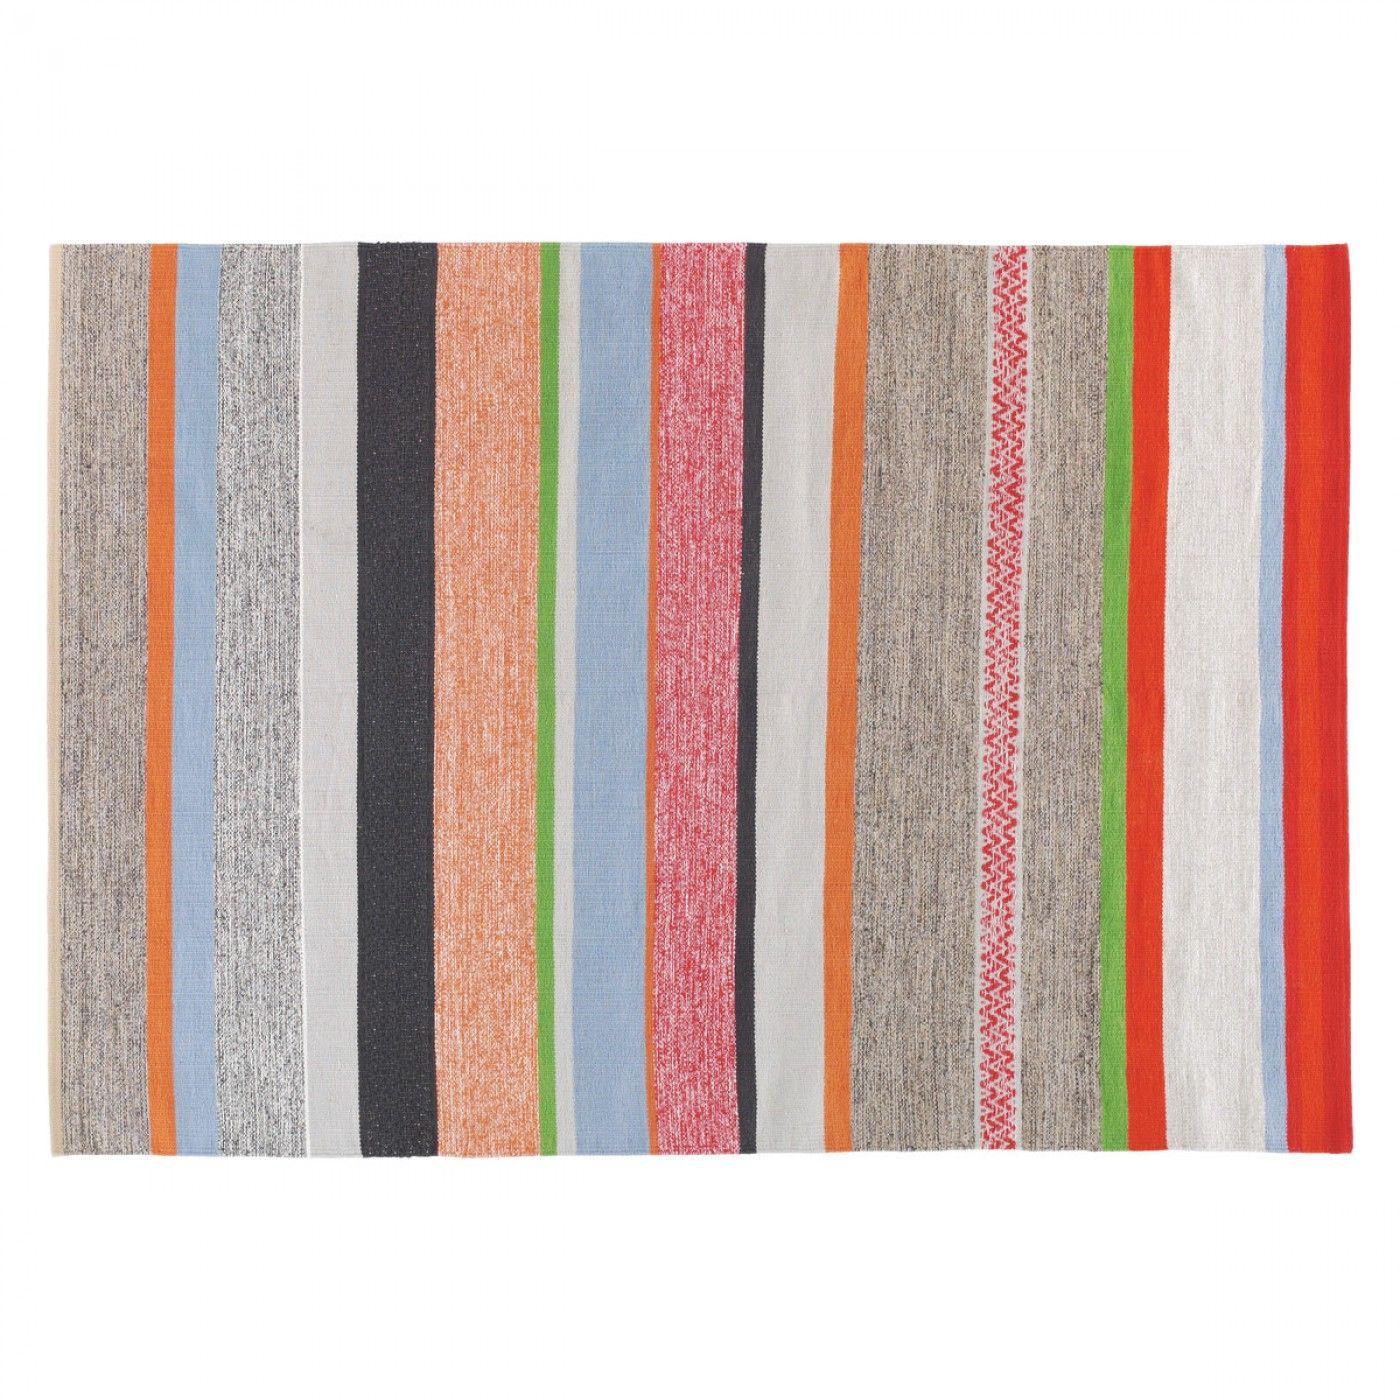 COATES Medium multicoloured stripe cotton rug 140 x 200cm